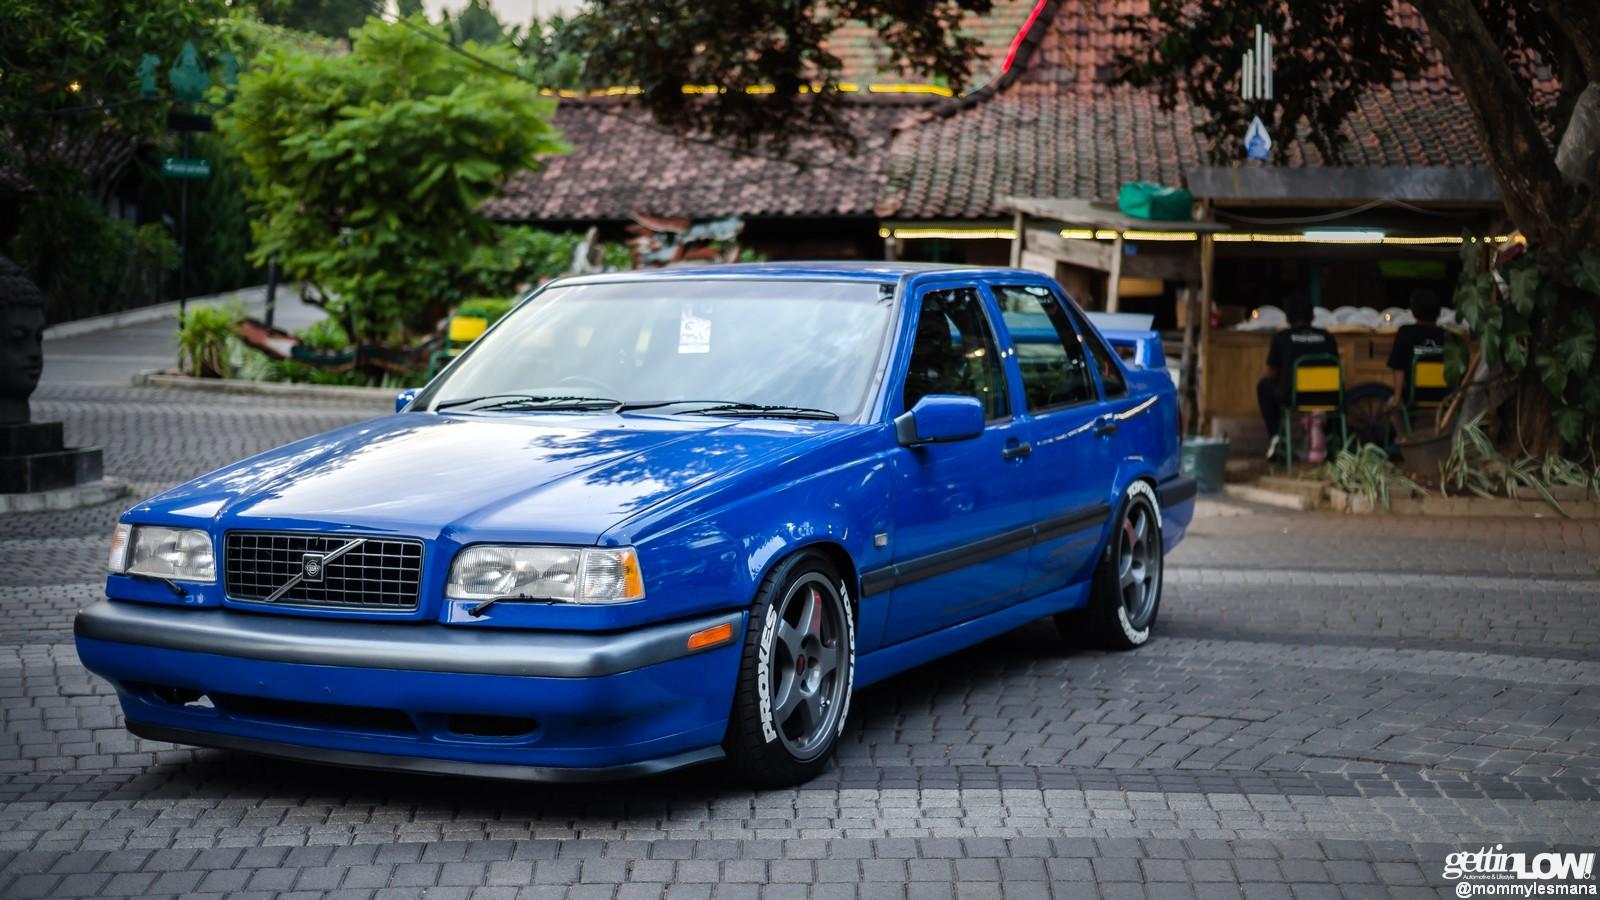 Andre Irawan's Volvo 850